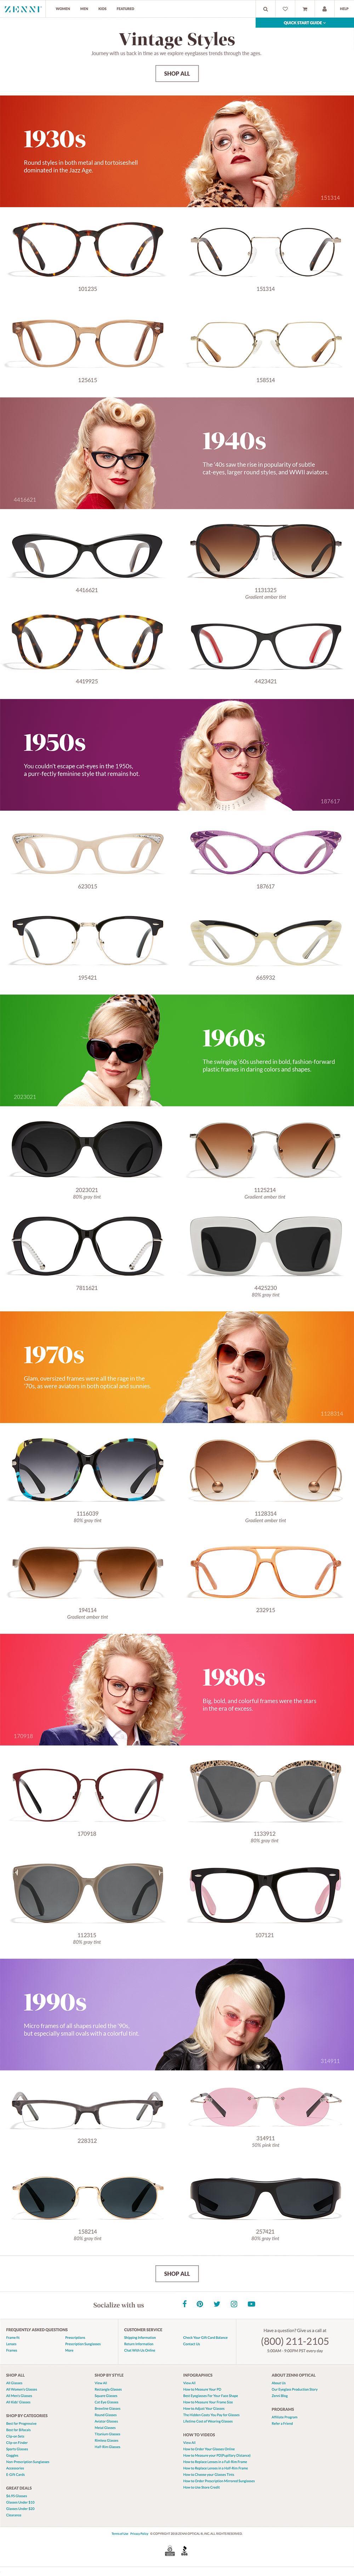 vintage_styles_30s_90s-lp.jpg